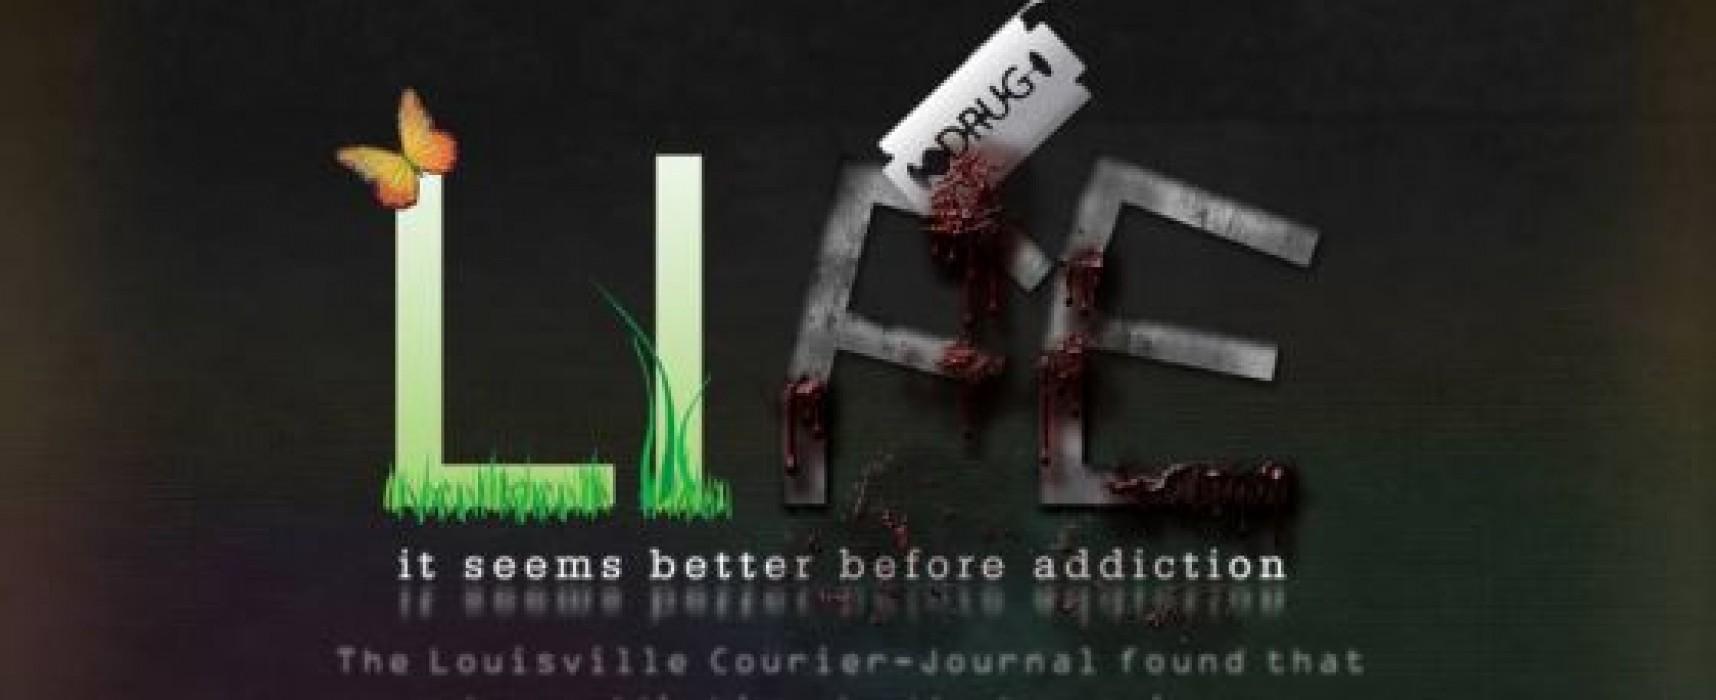 Drug abuse is a complex phenomenon